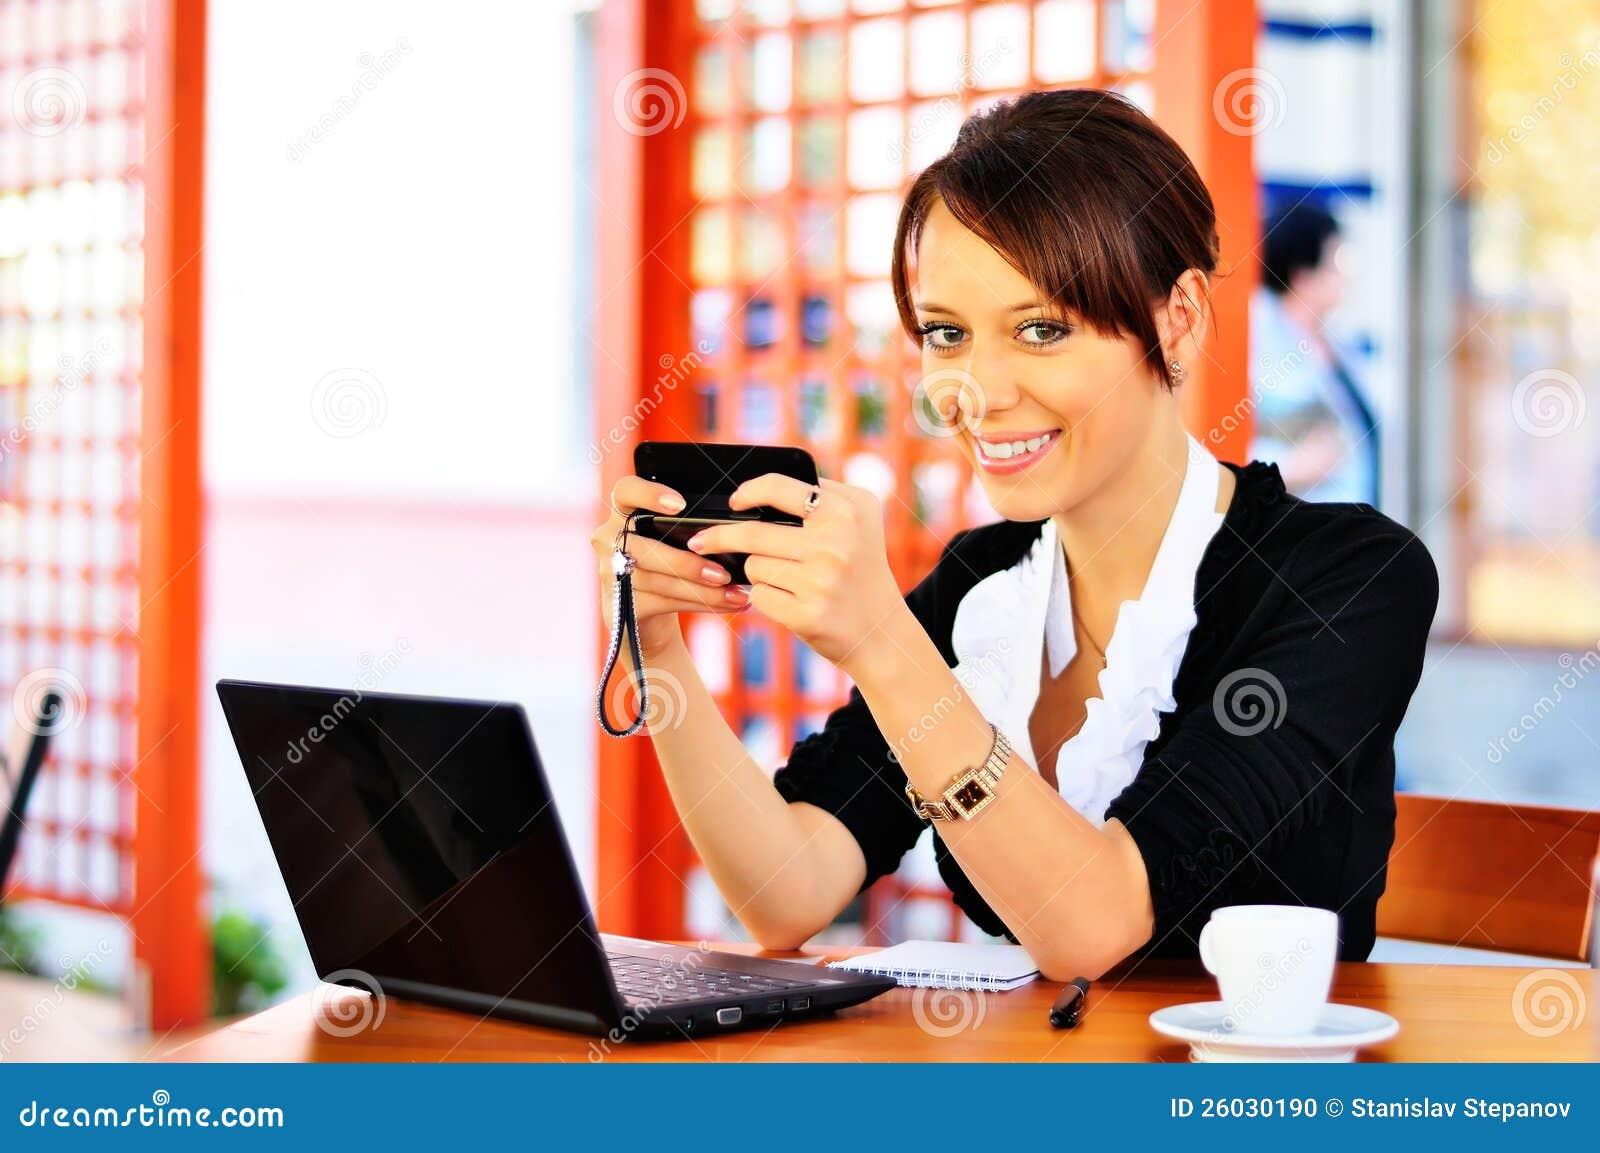 Gullig kvinnlig på cafen genom att använda mobiltelefon och bärbar dator